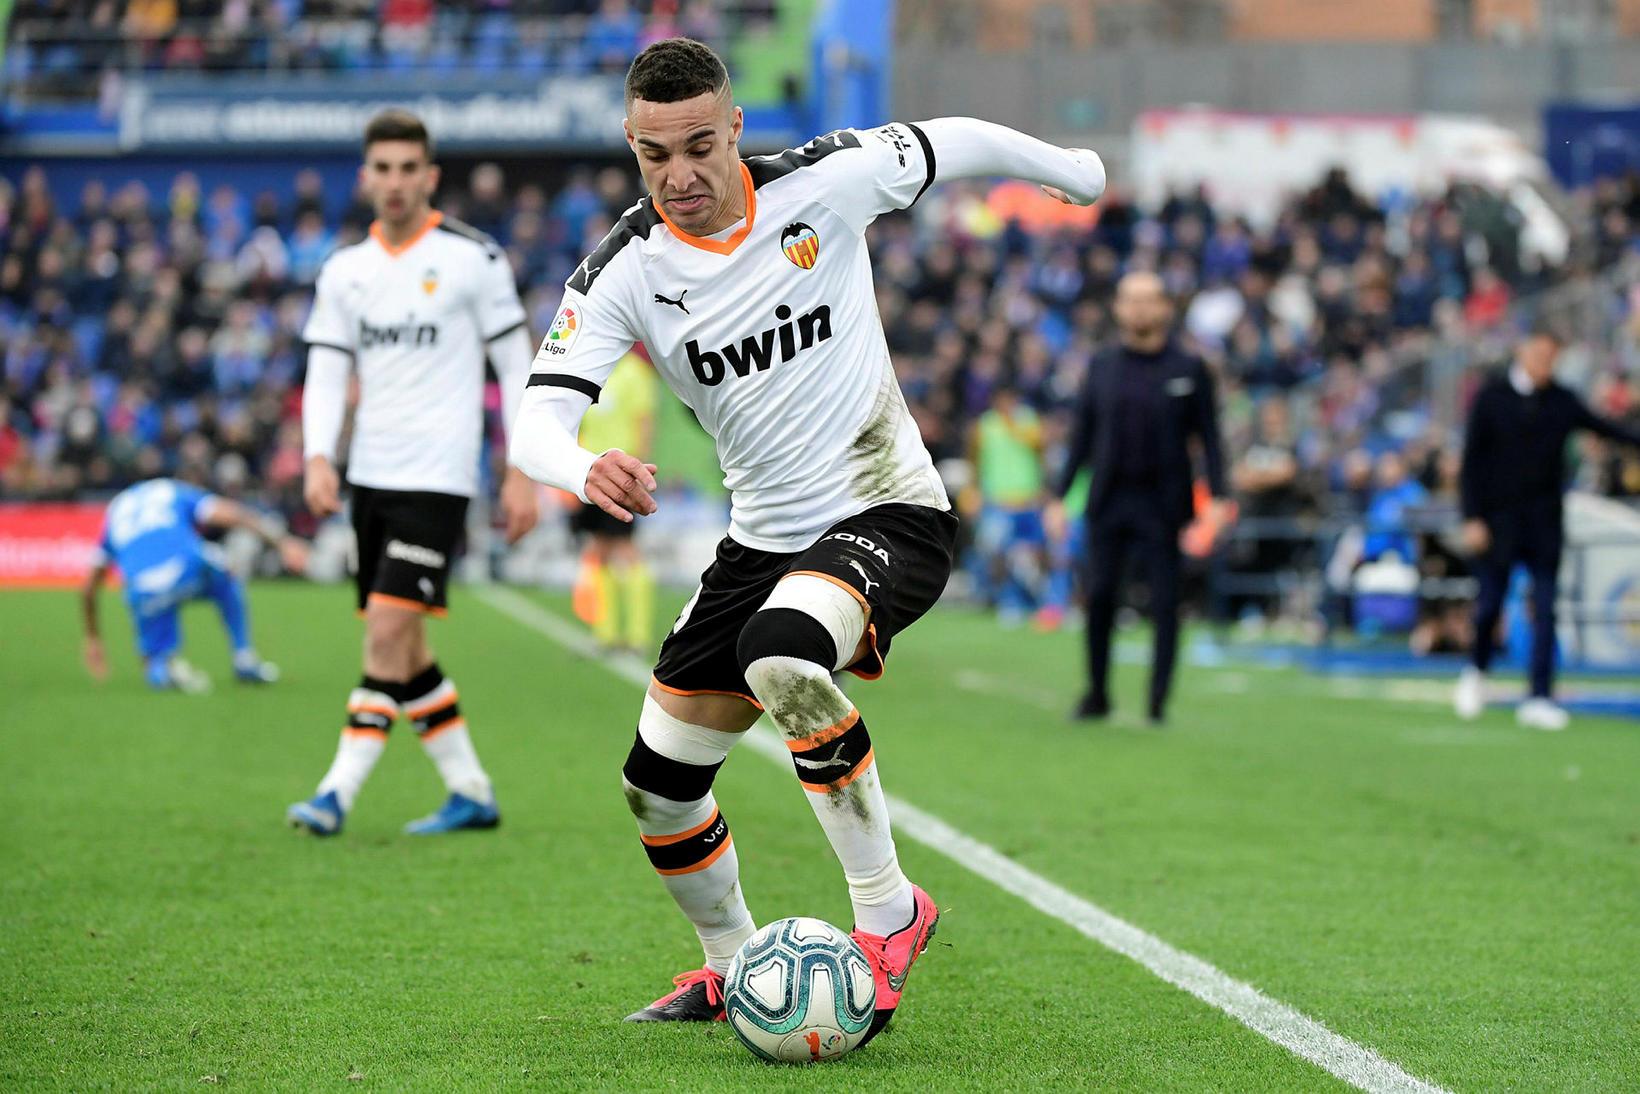 Spænski framherjinn Rodrigo Moreno er kominn til Leeds frá Valencia …